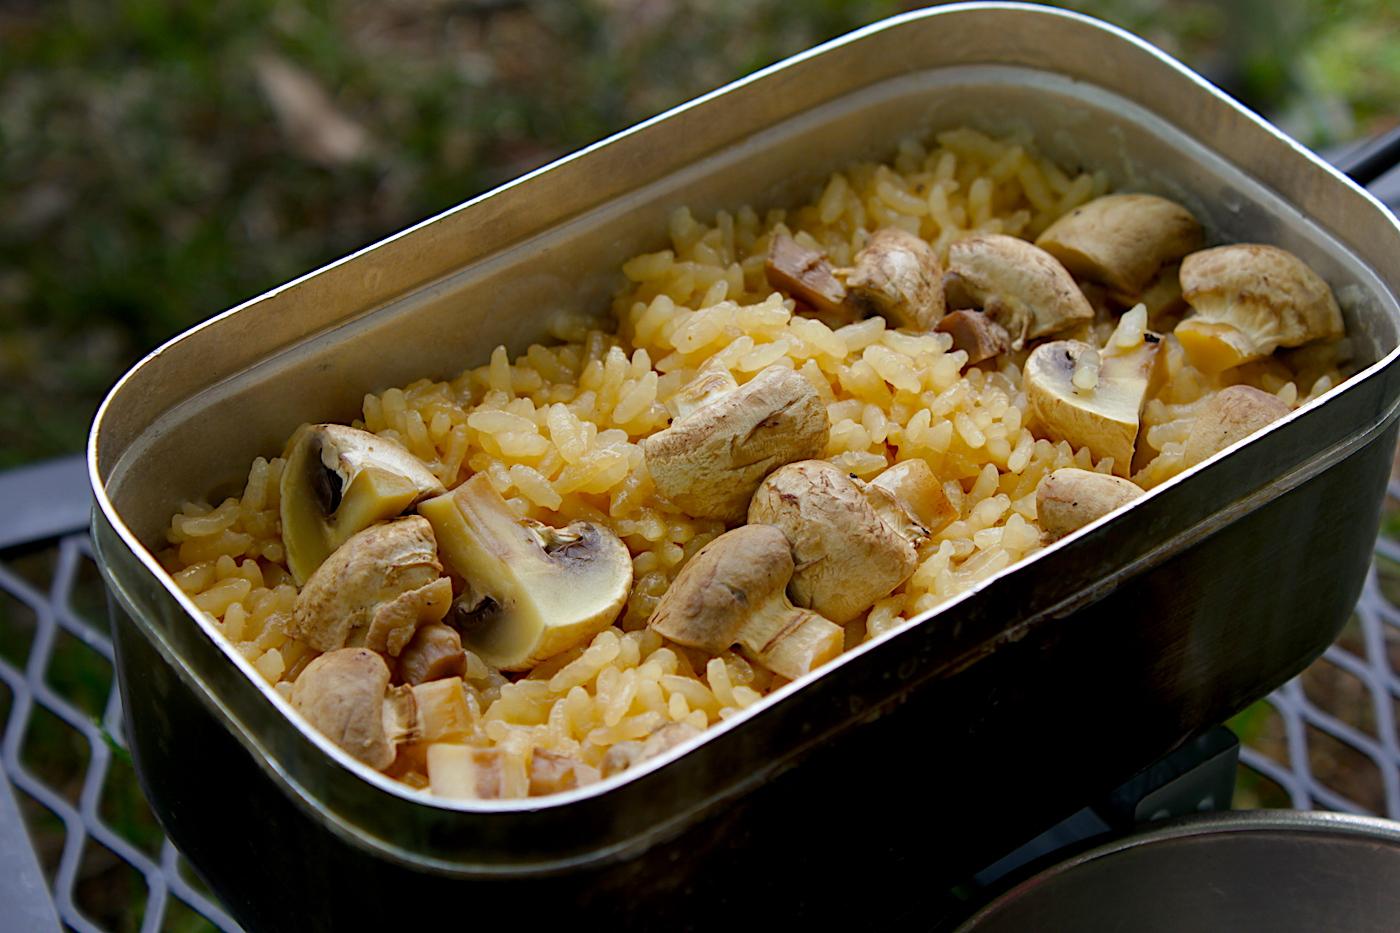 【メスティン自動炊飯レシピ】マッシュルームとオイスターソースの炊き込みご飯